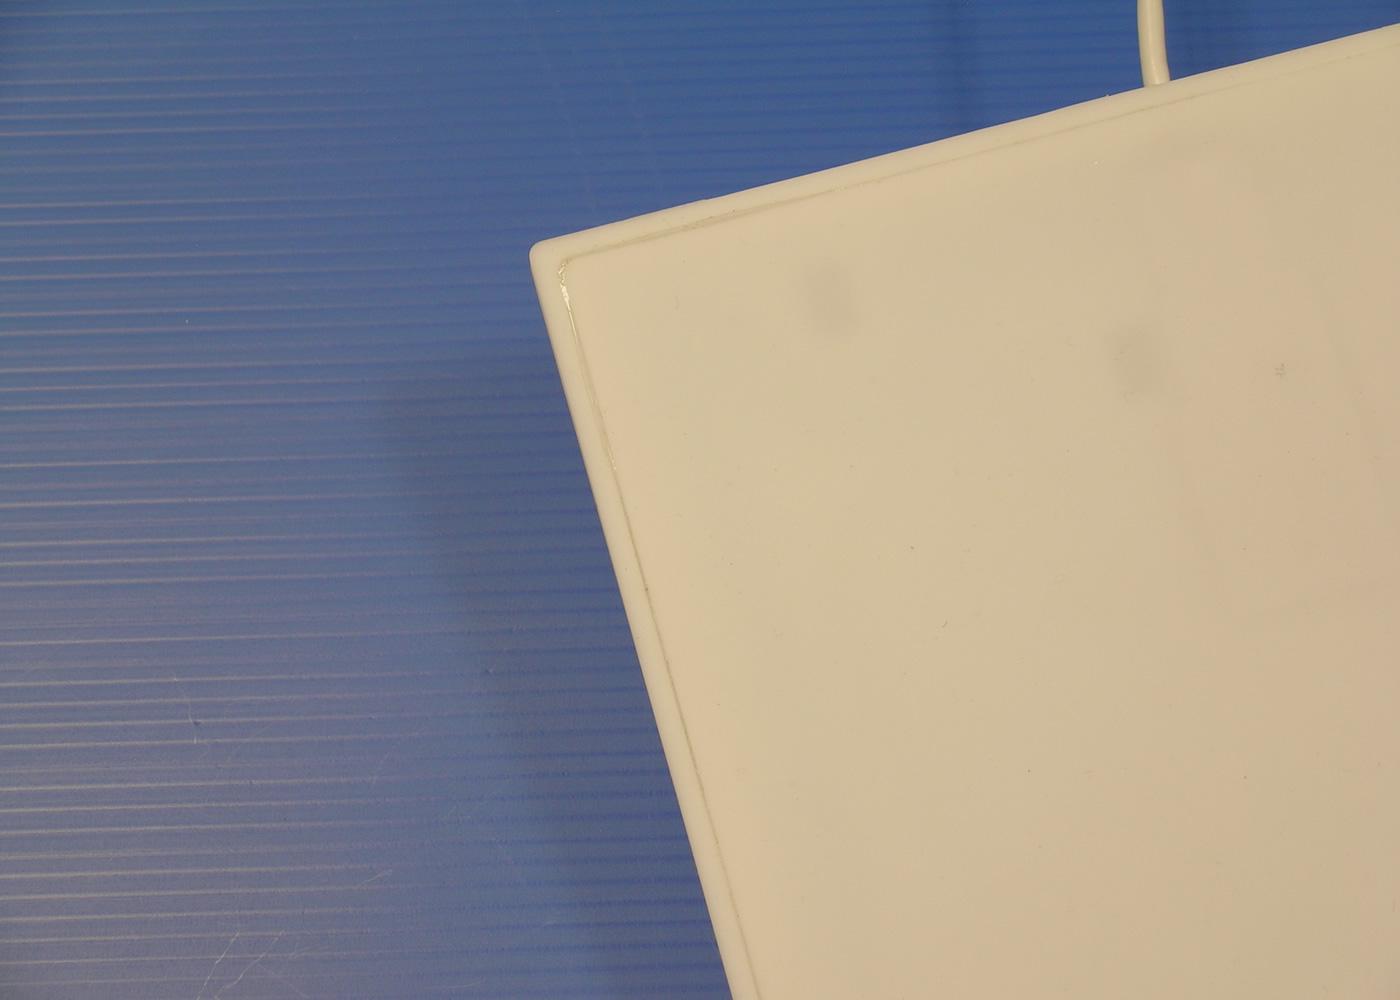 Clavier lavable 105 touches étanche IP68 économique – Joint d'étanchéité